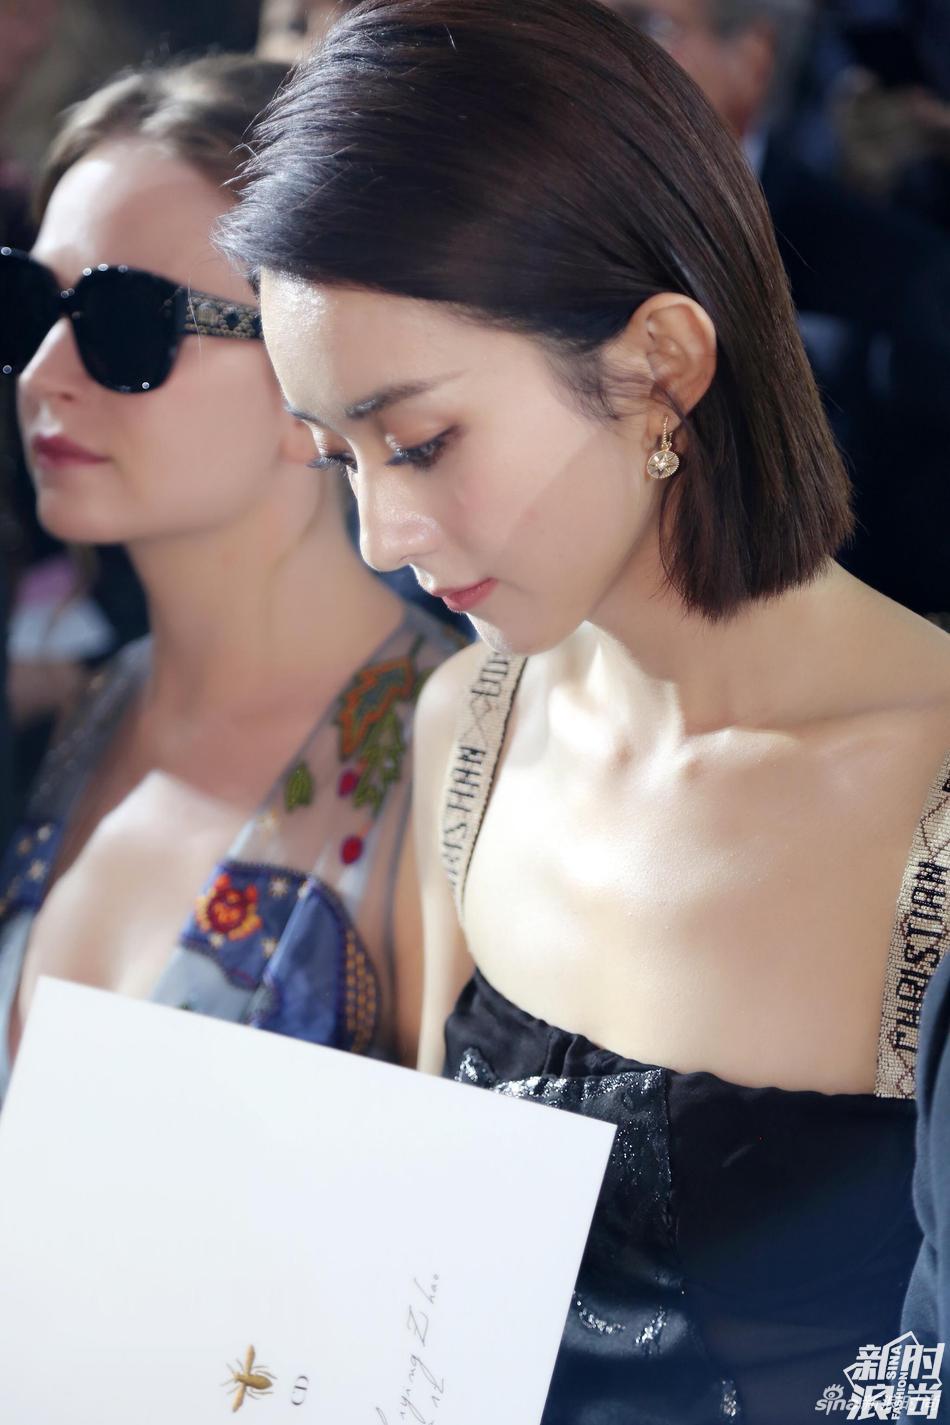 赵丽颖 | 从时尚小白到Dior品牌大使